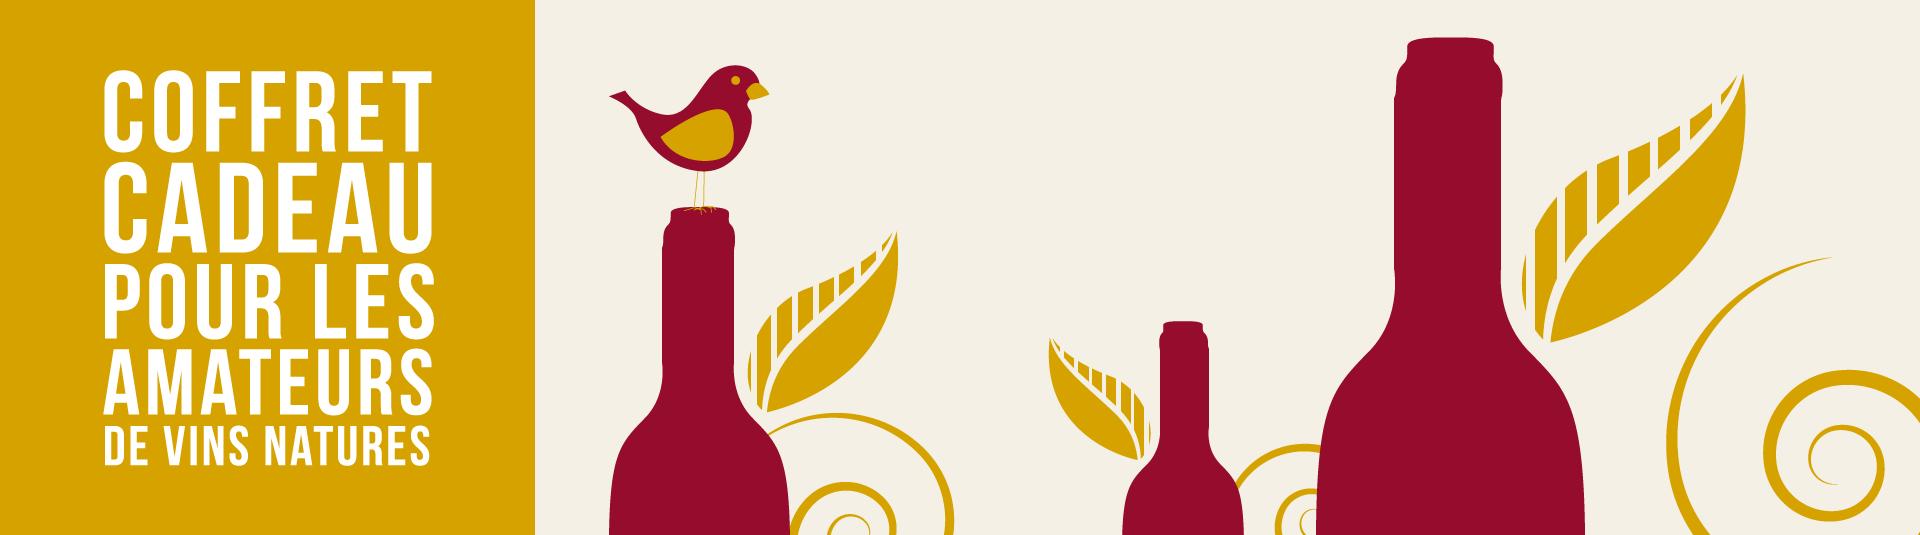 Vins bios et vins natures